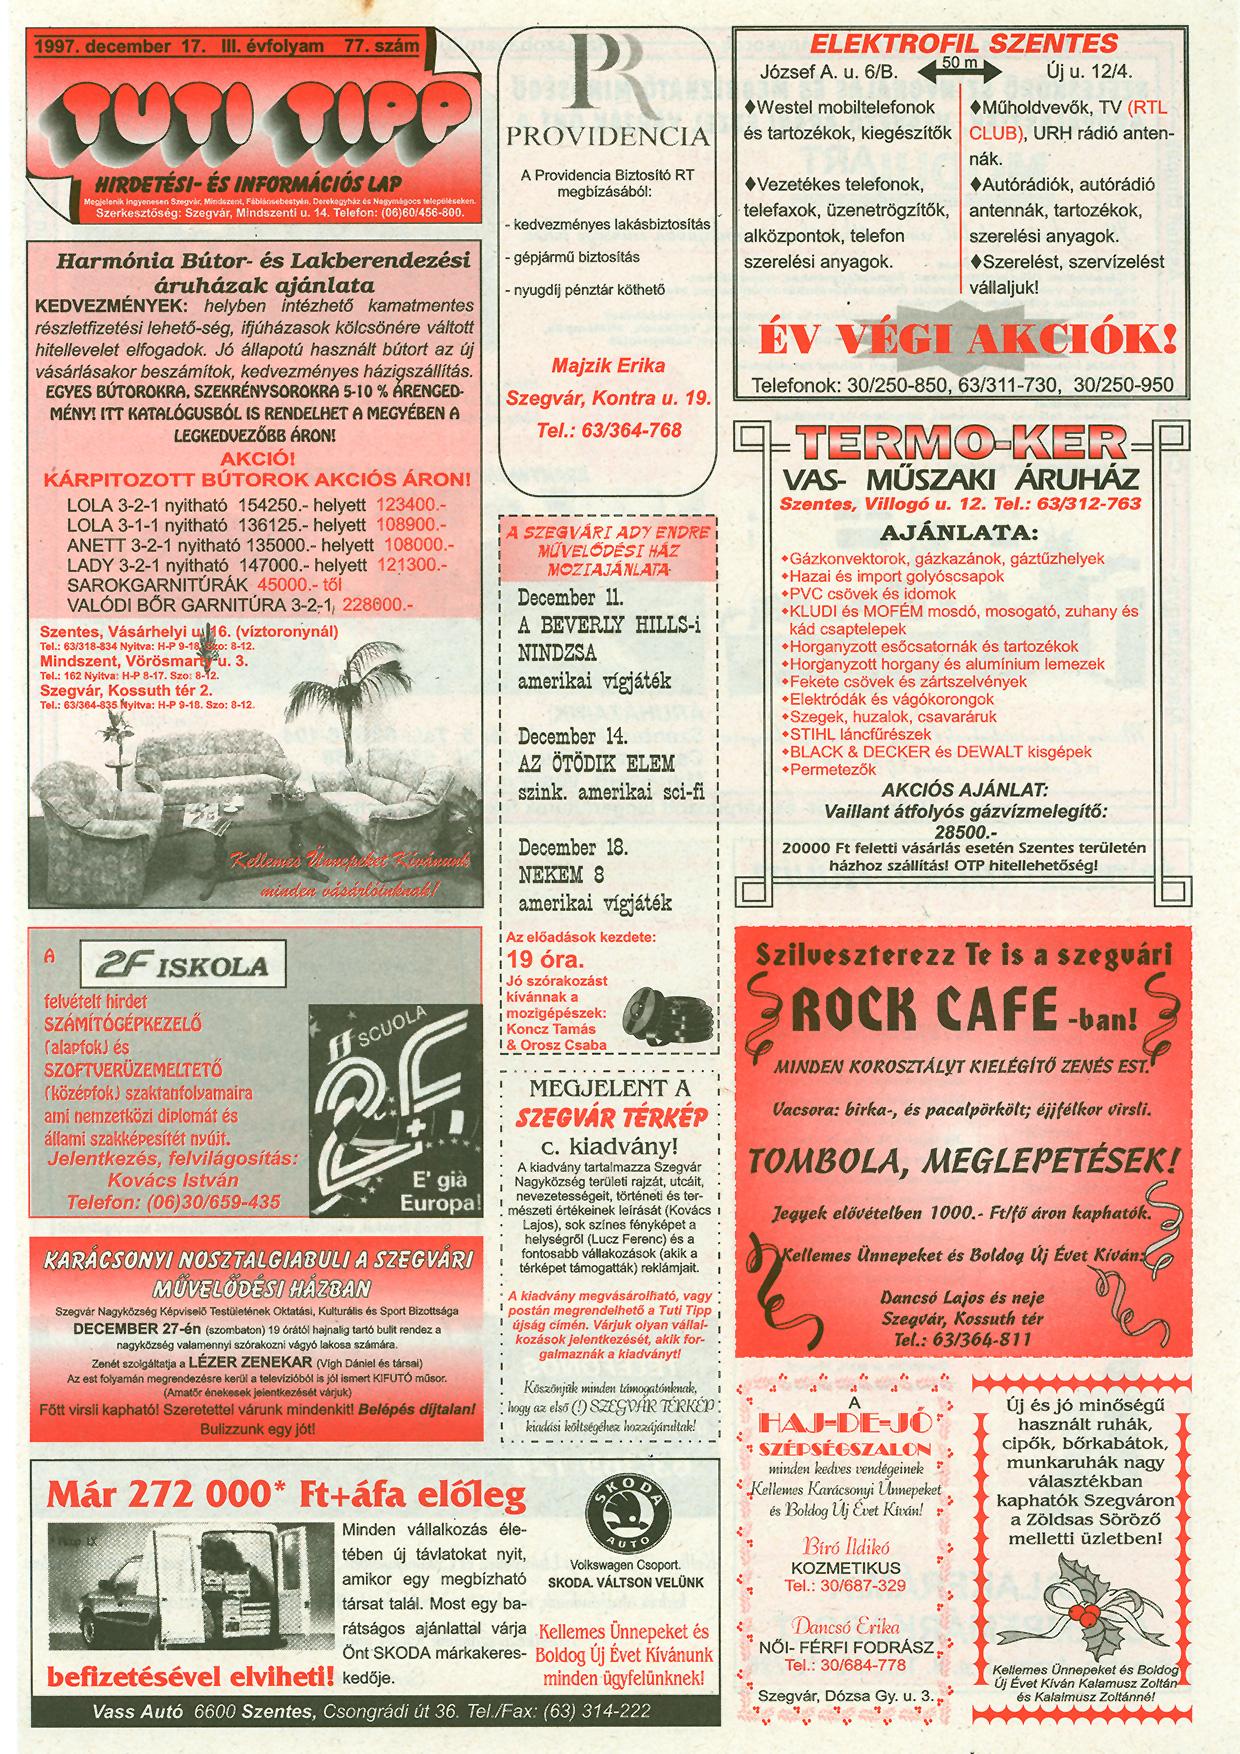 051 Tuti Tipp reklámújság - 19971217-077. lapszám - 1.oldal - III. évfolyam.jpg